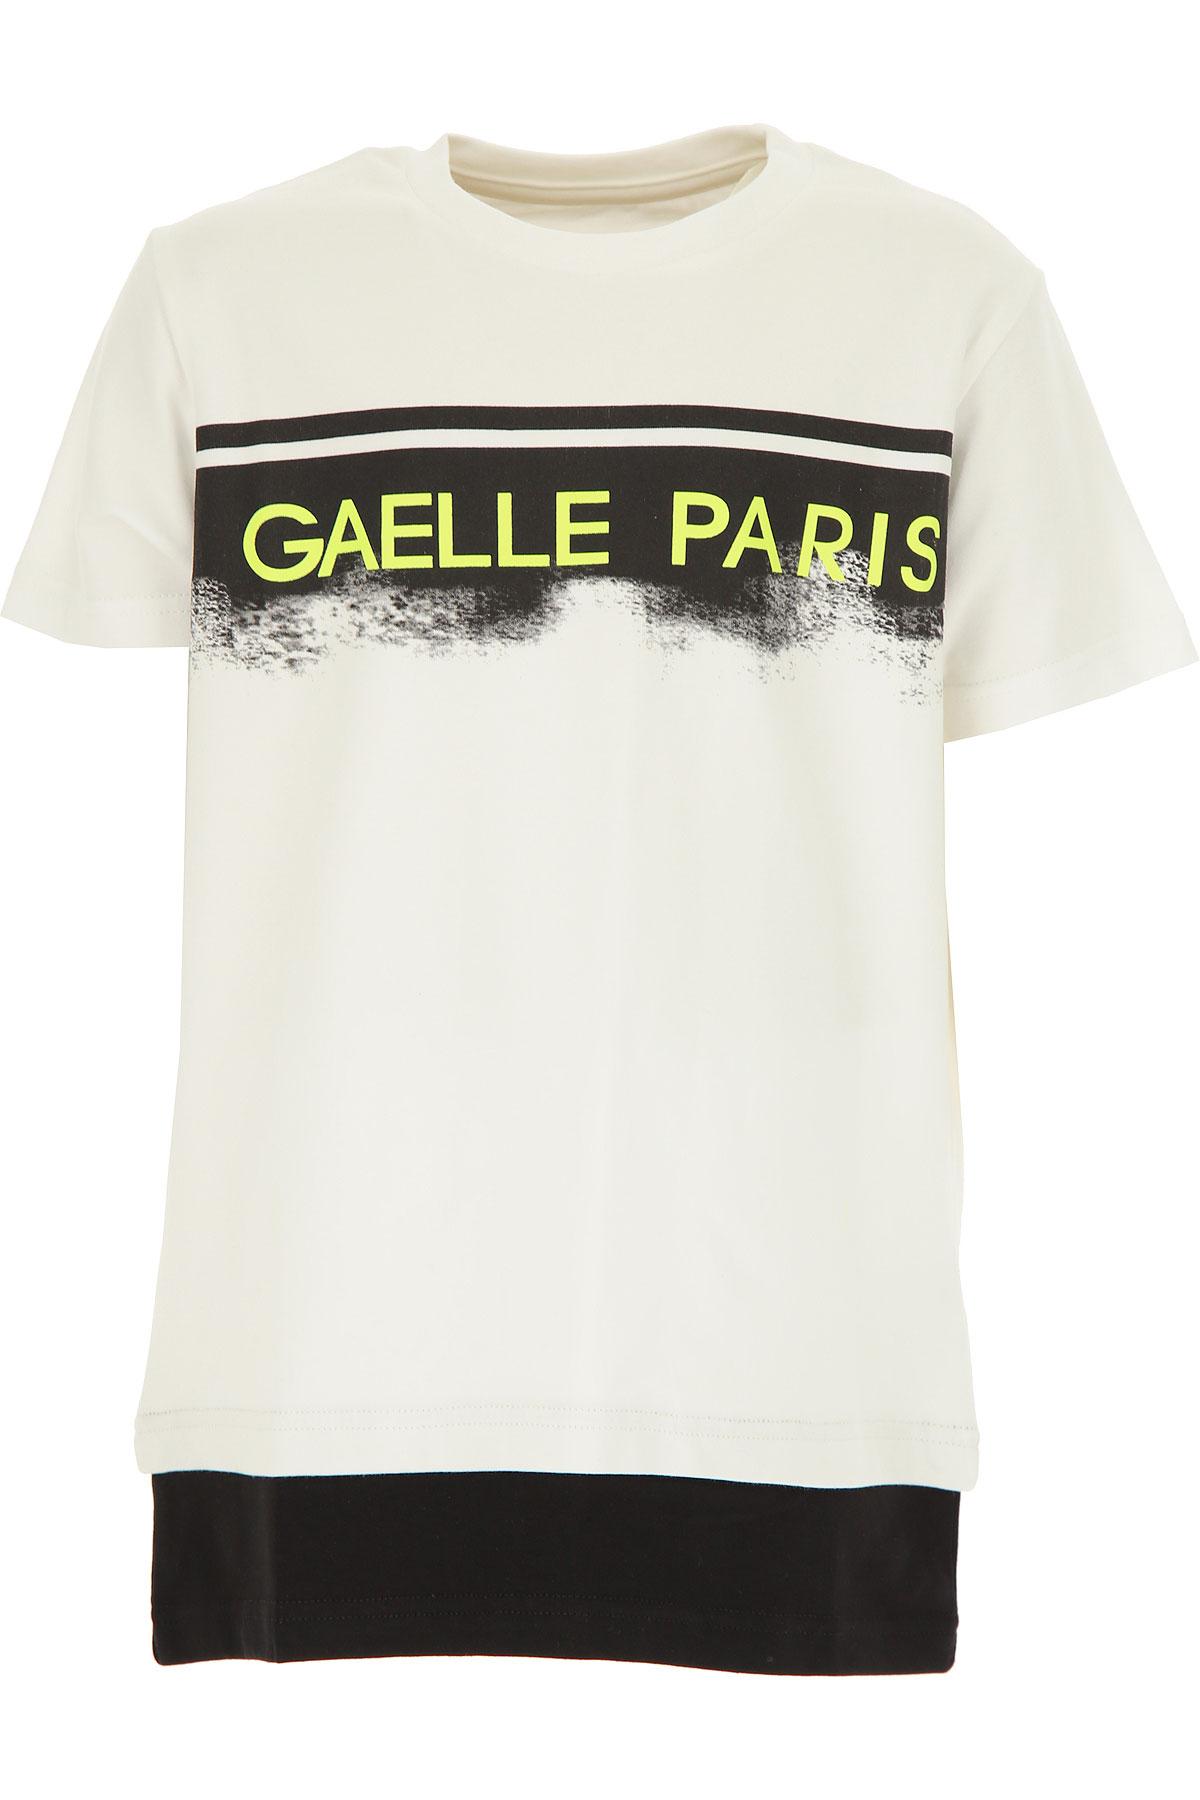 Gaelle Kids T-Shirt for Girls On Sale, White, Cotton, 2019, 12Y 14Y 16Y 4Y 6Y